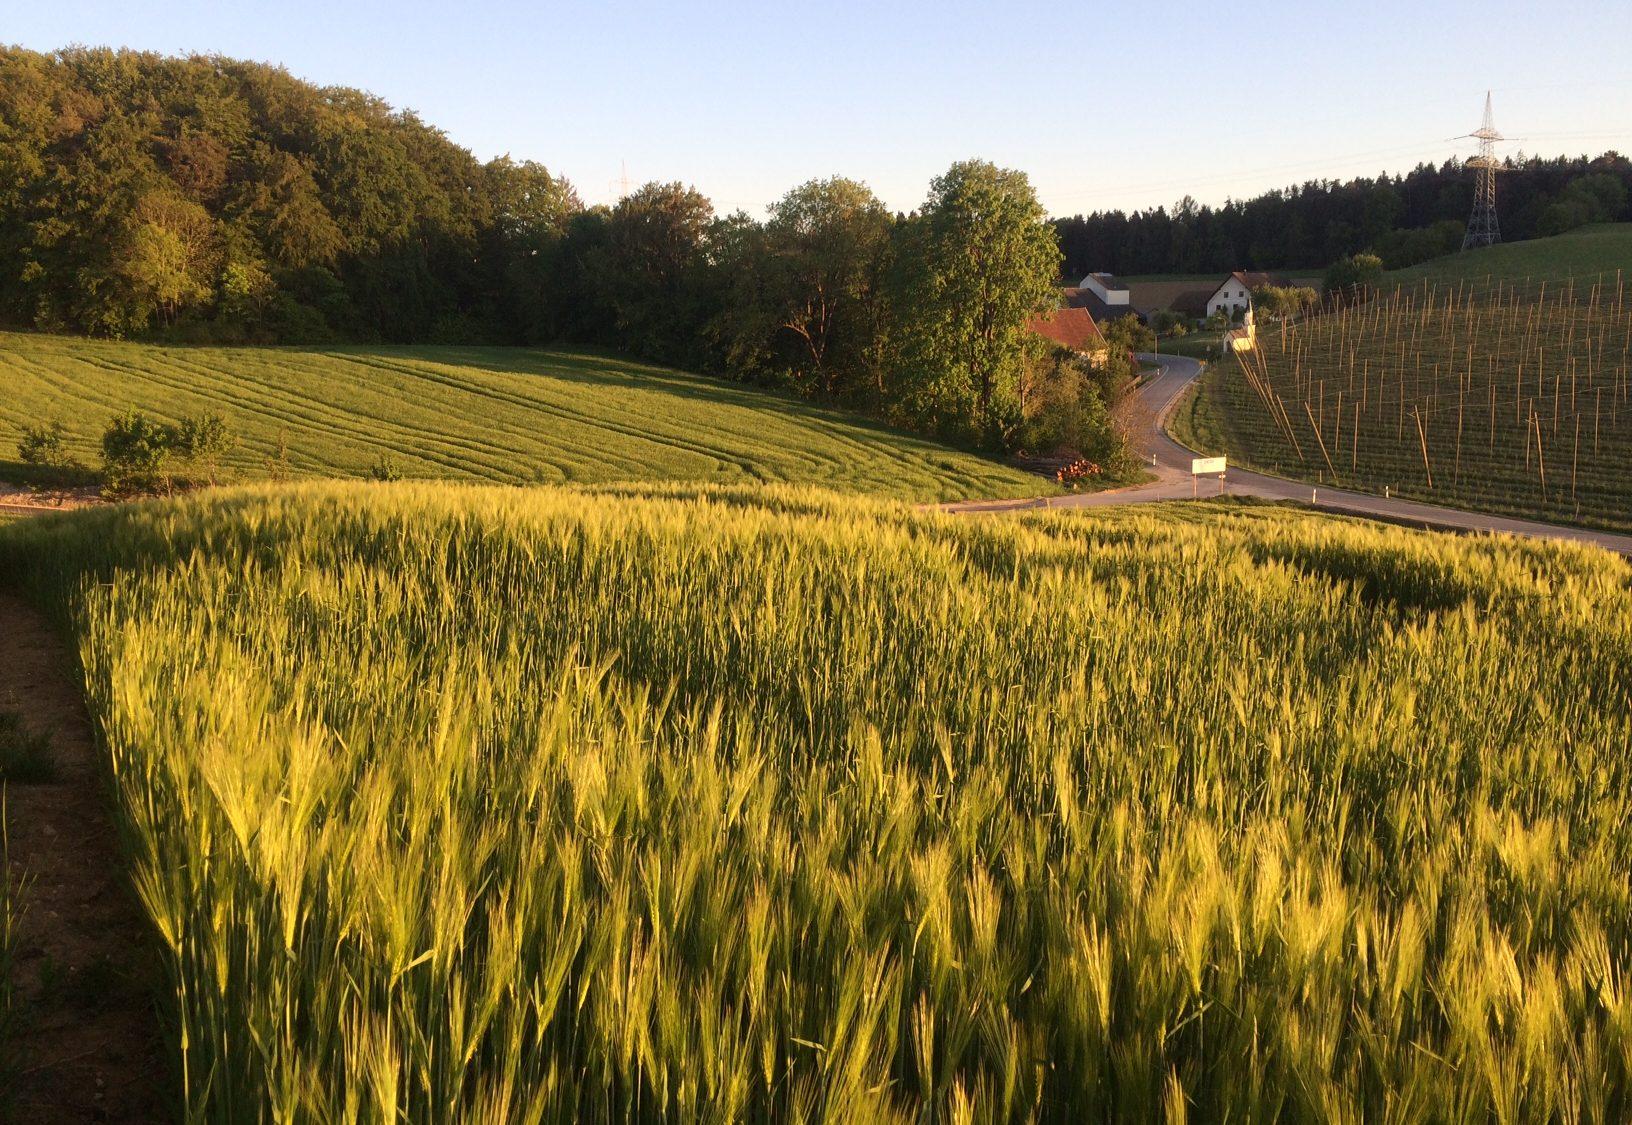 the village of Brunn